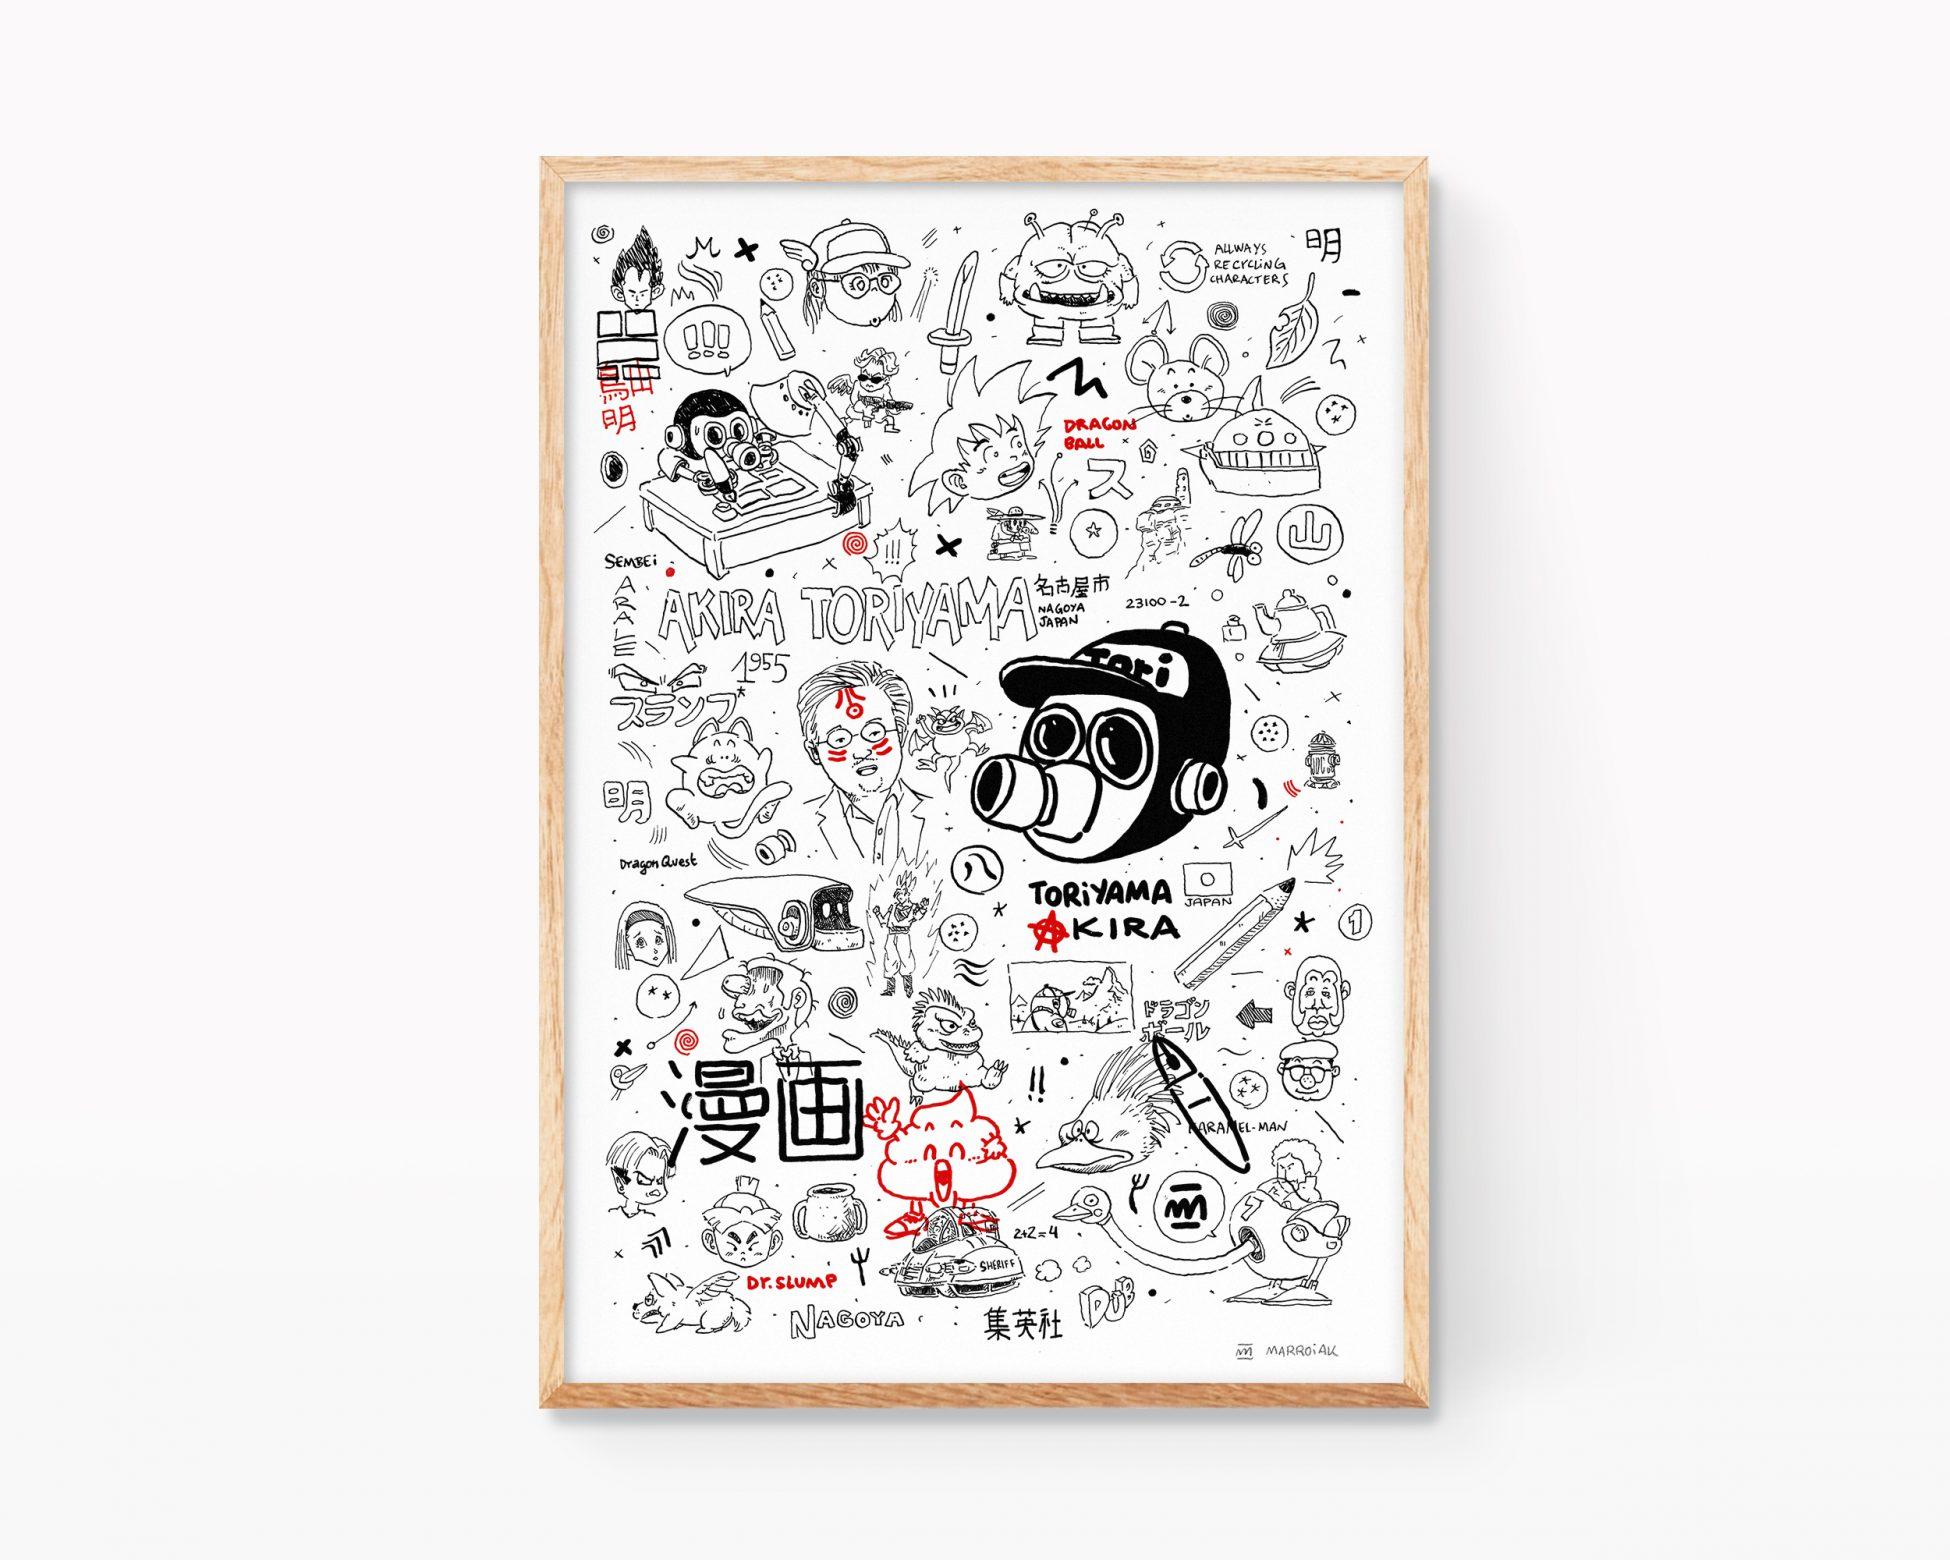 Poster decorativo con un retrato del dibujante de manga akira toriyama. Ilustraciones de son goku, dragon ball, bola de drac, dr slump, arale... Arte urbano, stencill